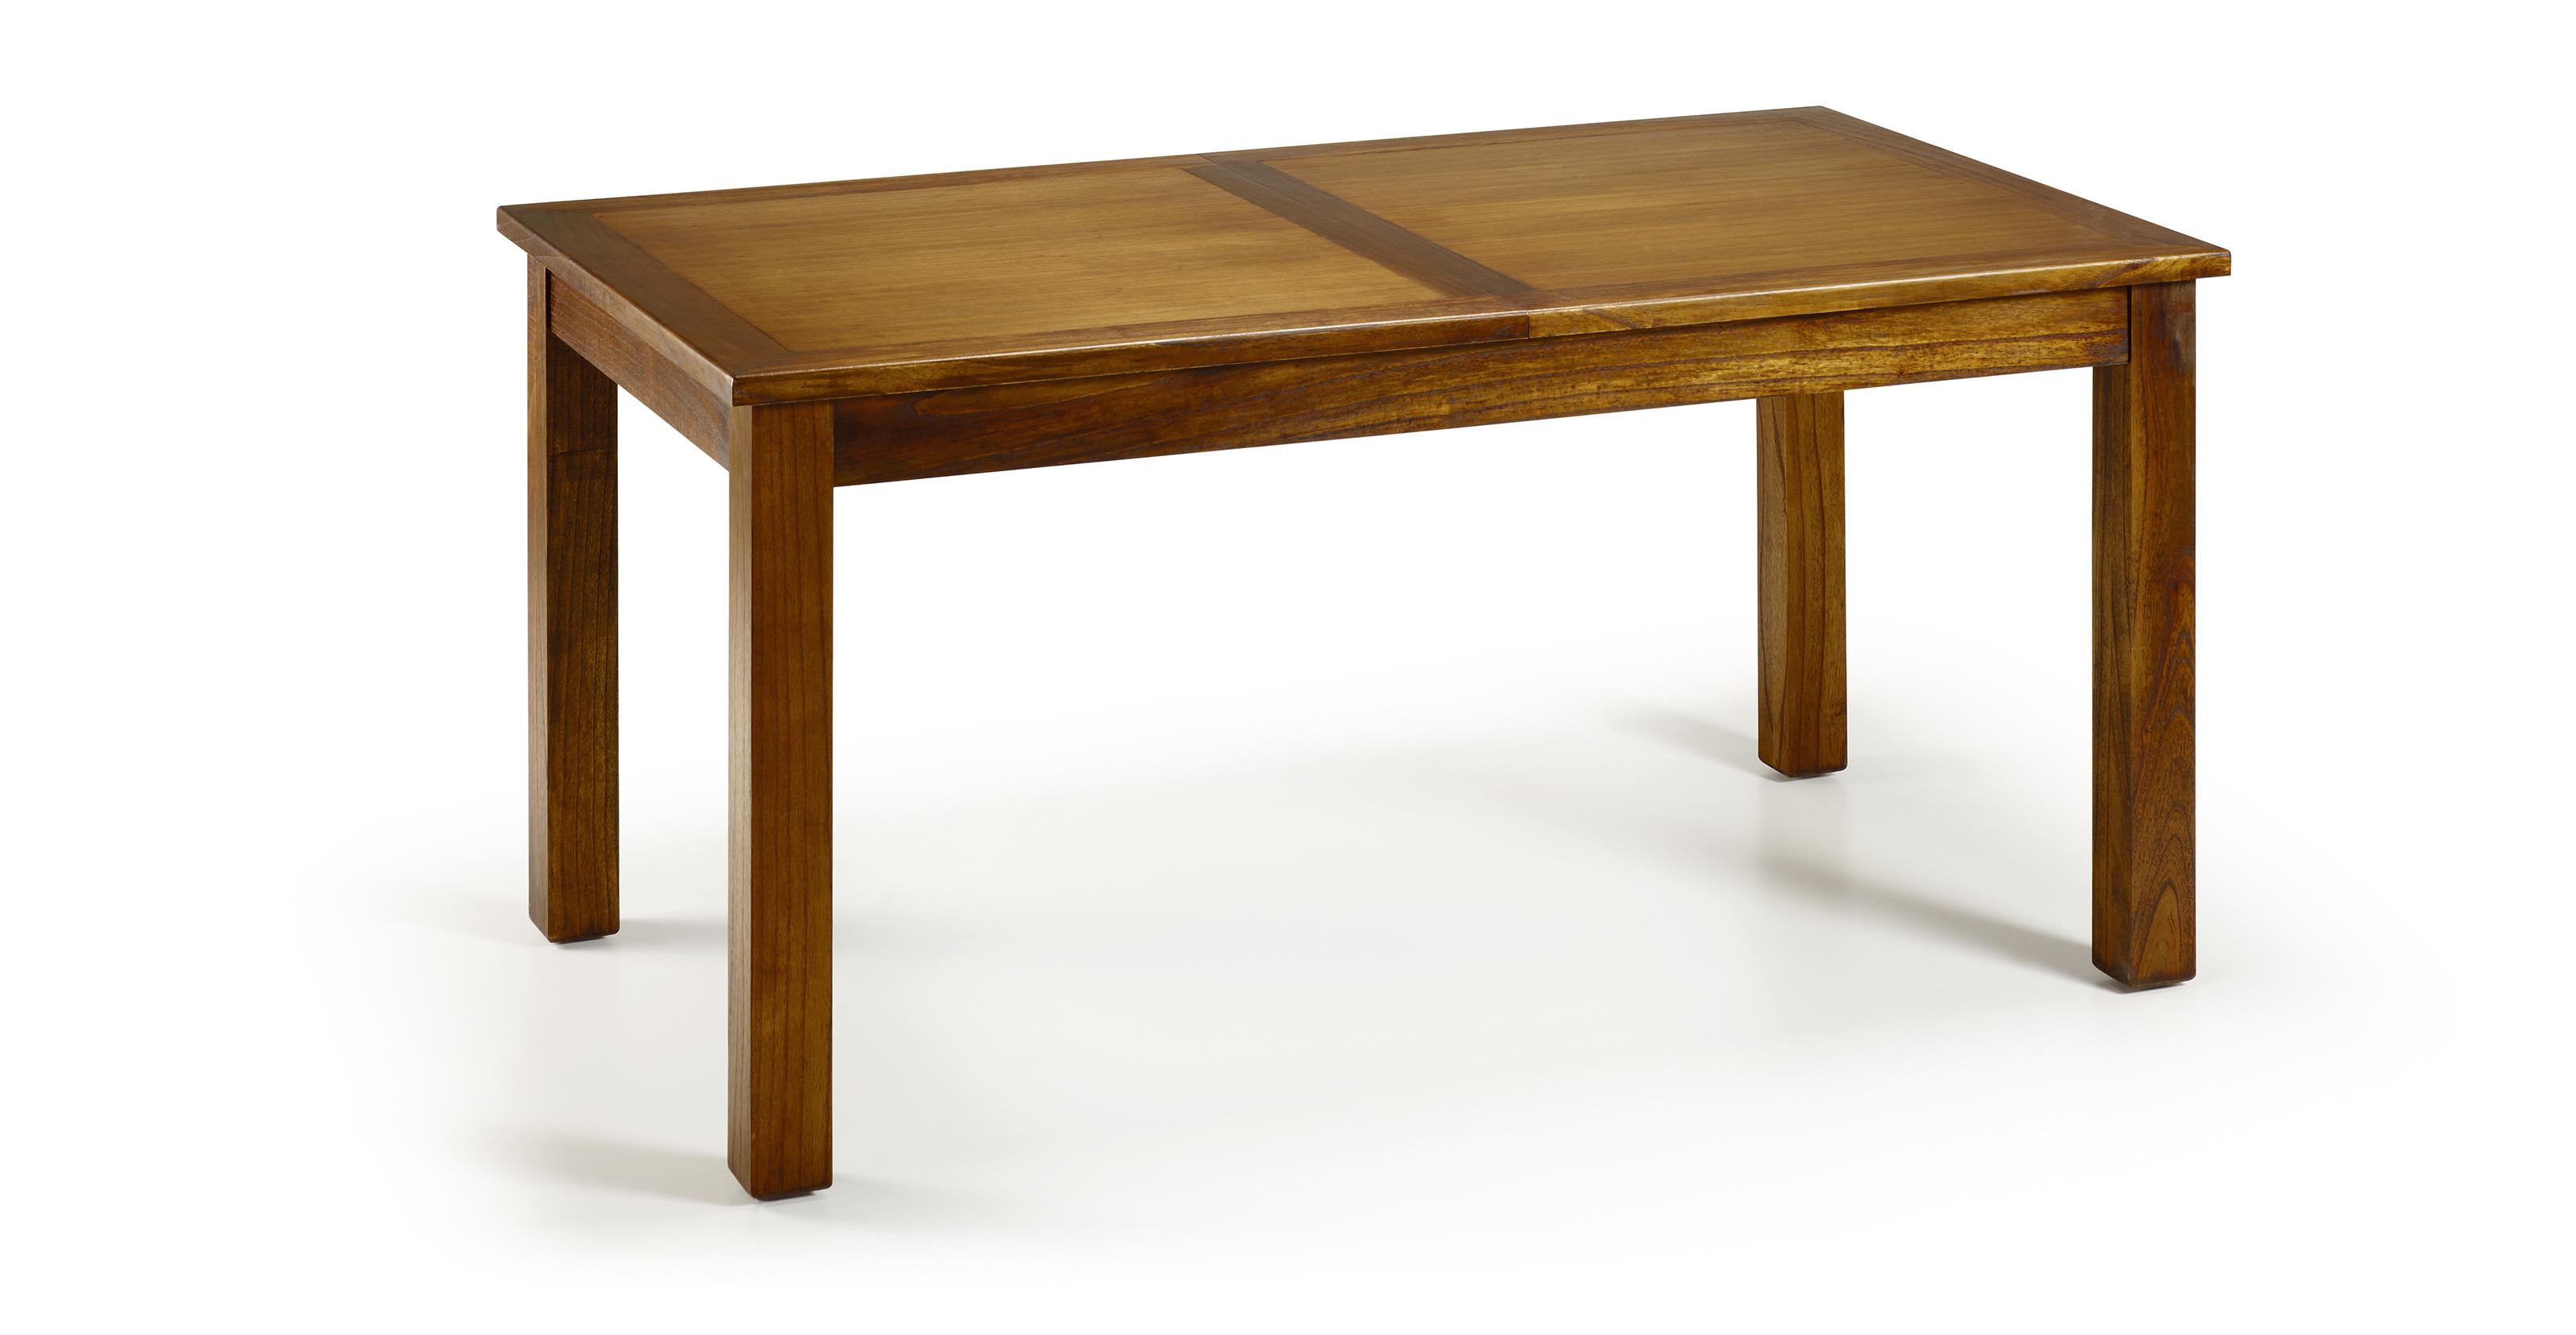 table de salle manger en bois de mindi extensible 150 200 90 78 cm saurus. Black Bedroom Furniture Sets. Home Design Ideas